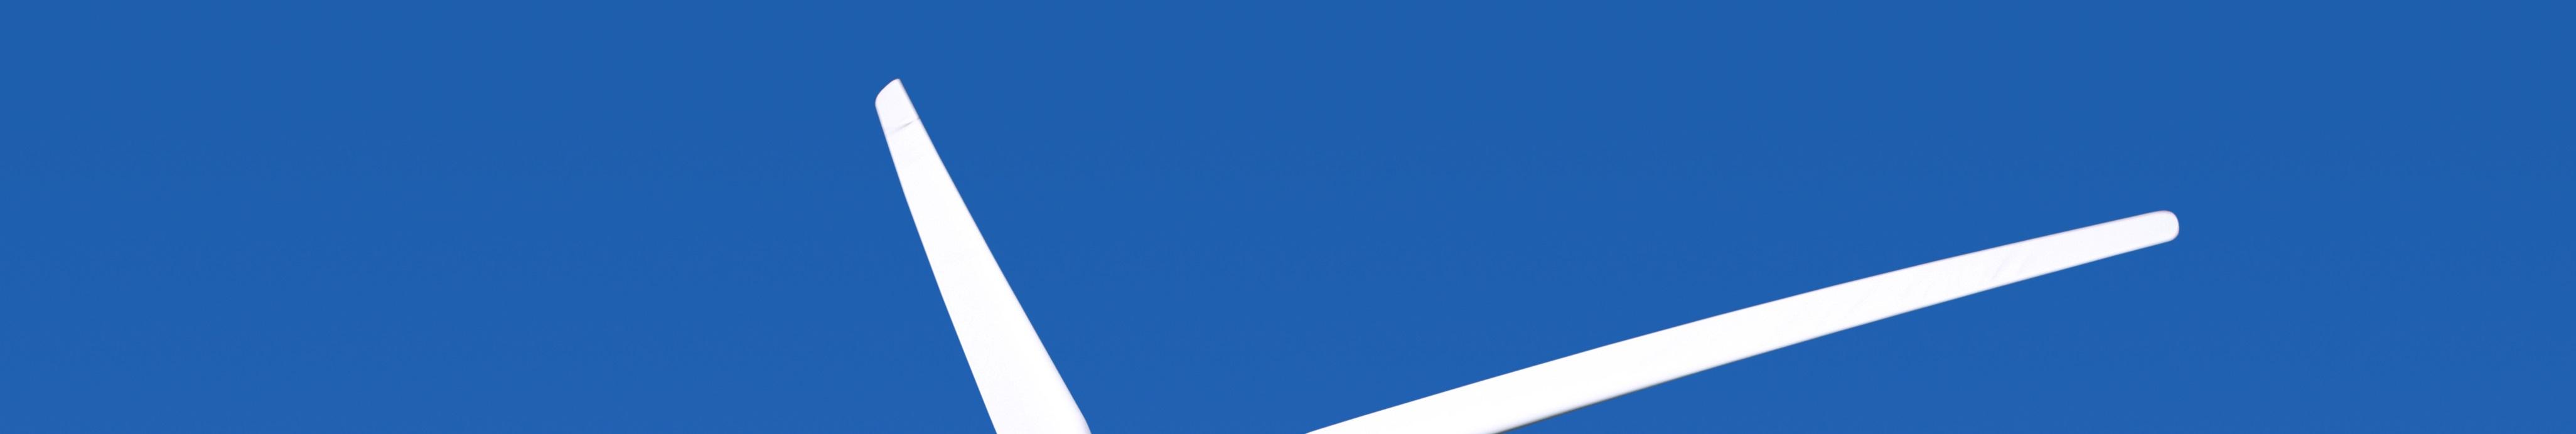 Logo de la rubrique CAP'TRONIC membre de l'Alliance S3P (Smart, Safe and Secure Software Development and Execution Platform for the Internet of Things)